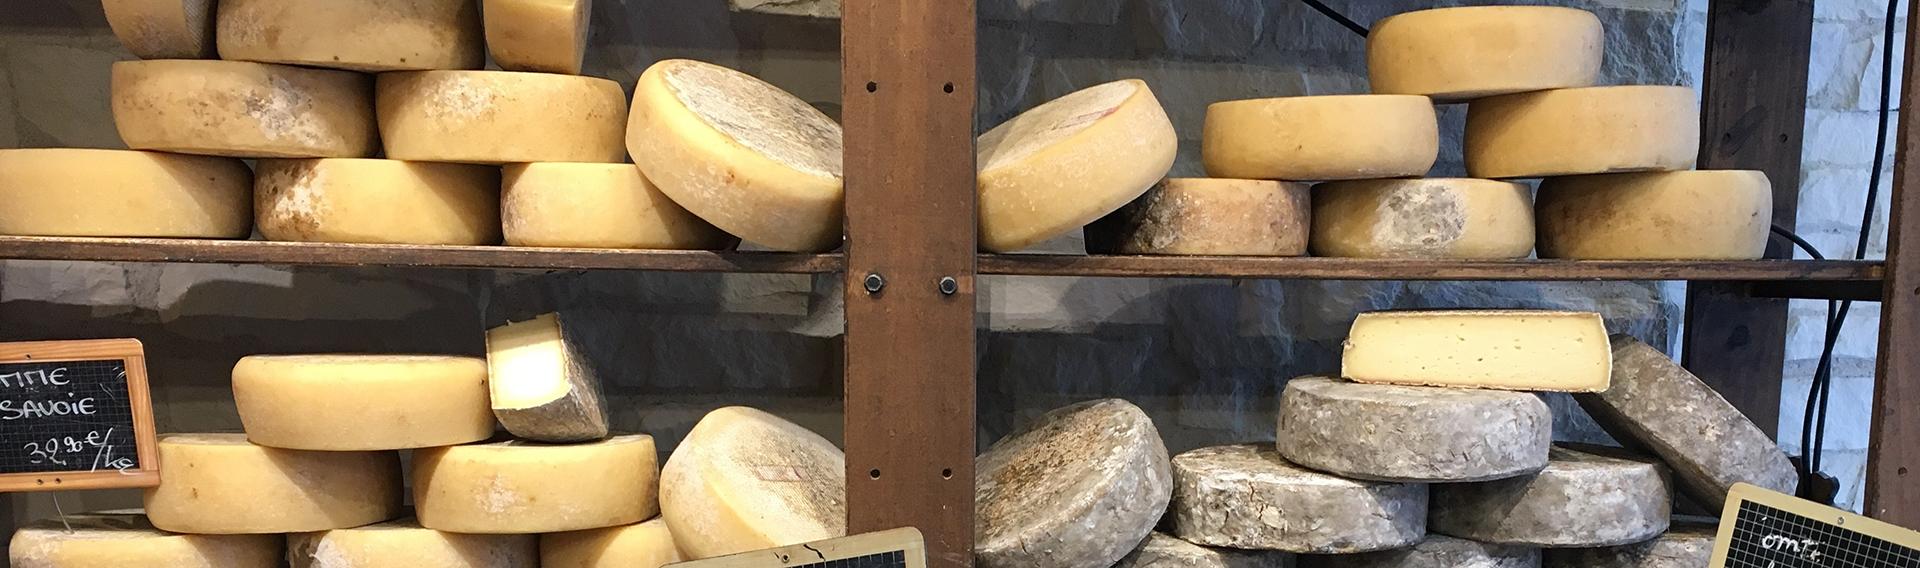 Kaas en wijn bij Guillaume